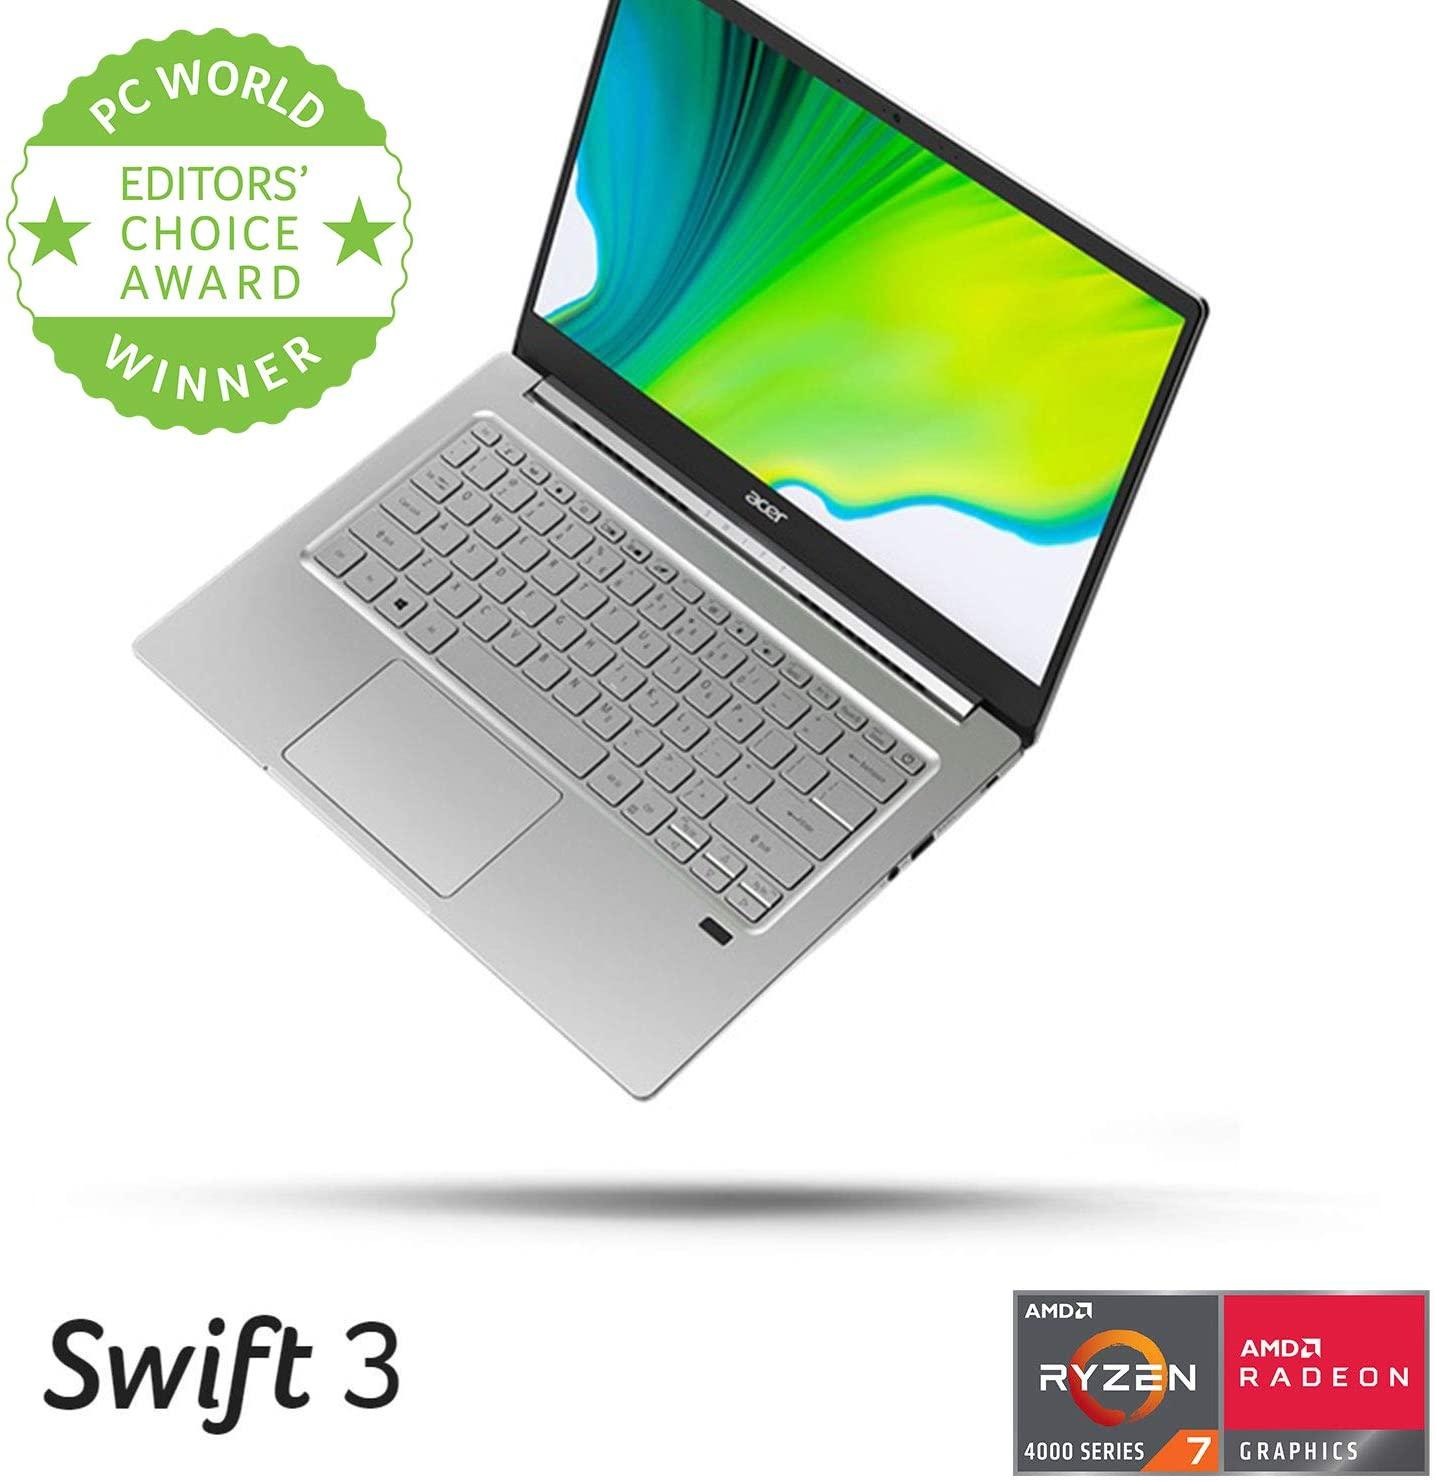 מחשב נייד Acer Swift 3 במחיר מעולה!